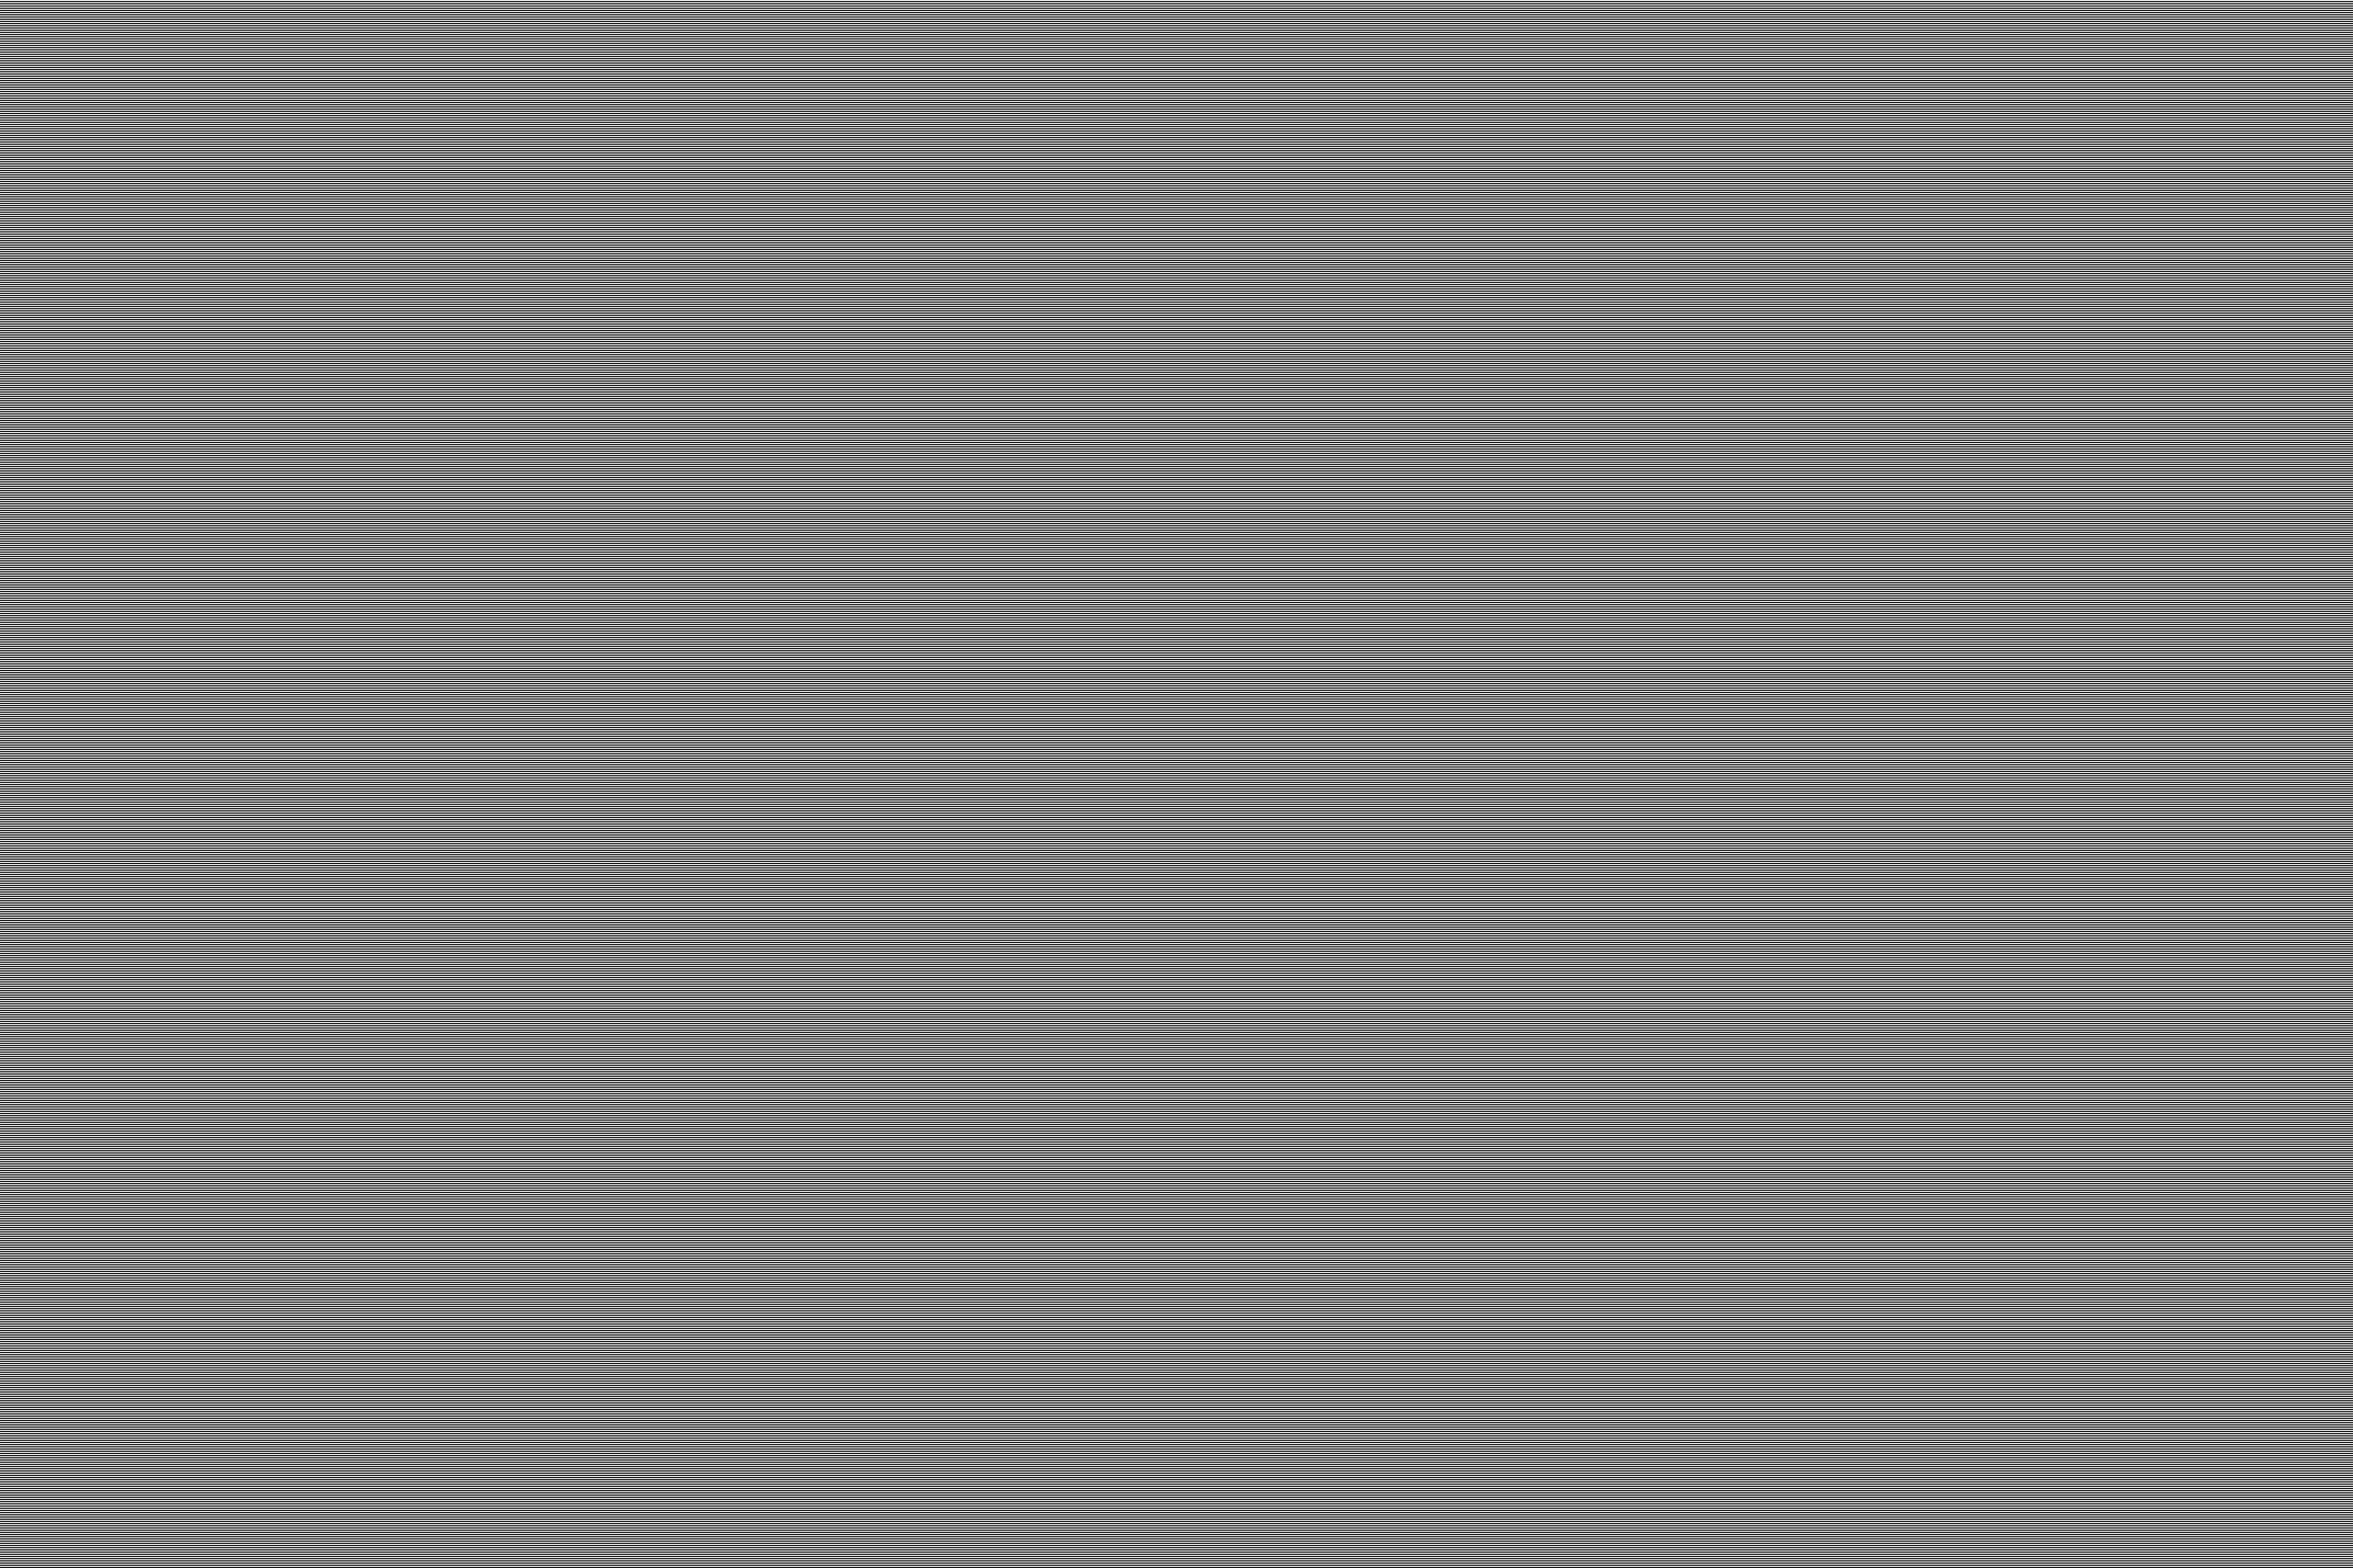 canal oficial camp brasileiro em porto alegre ceara perde para o gremio por 2 a 0 613e3ec087e58 scaled